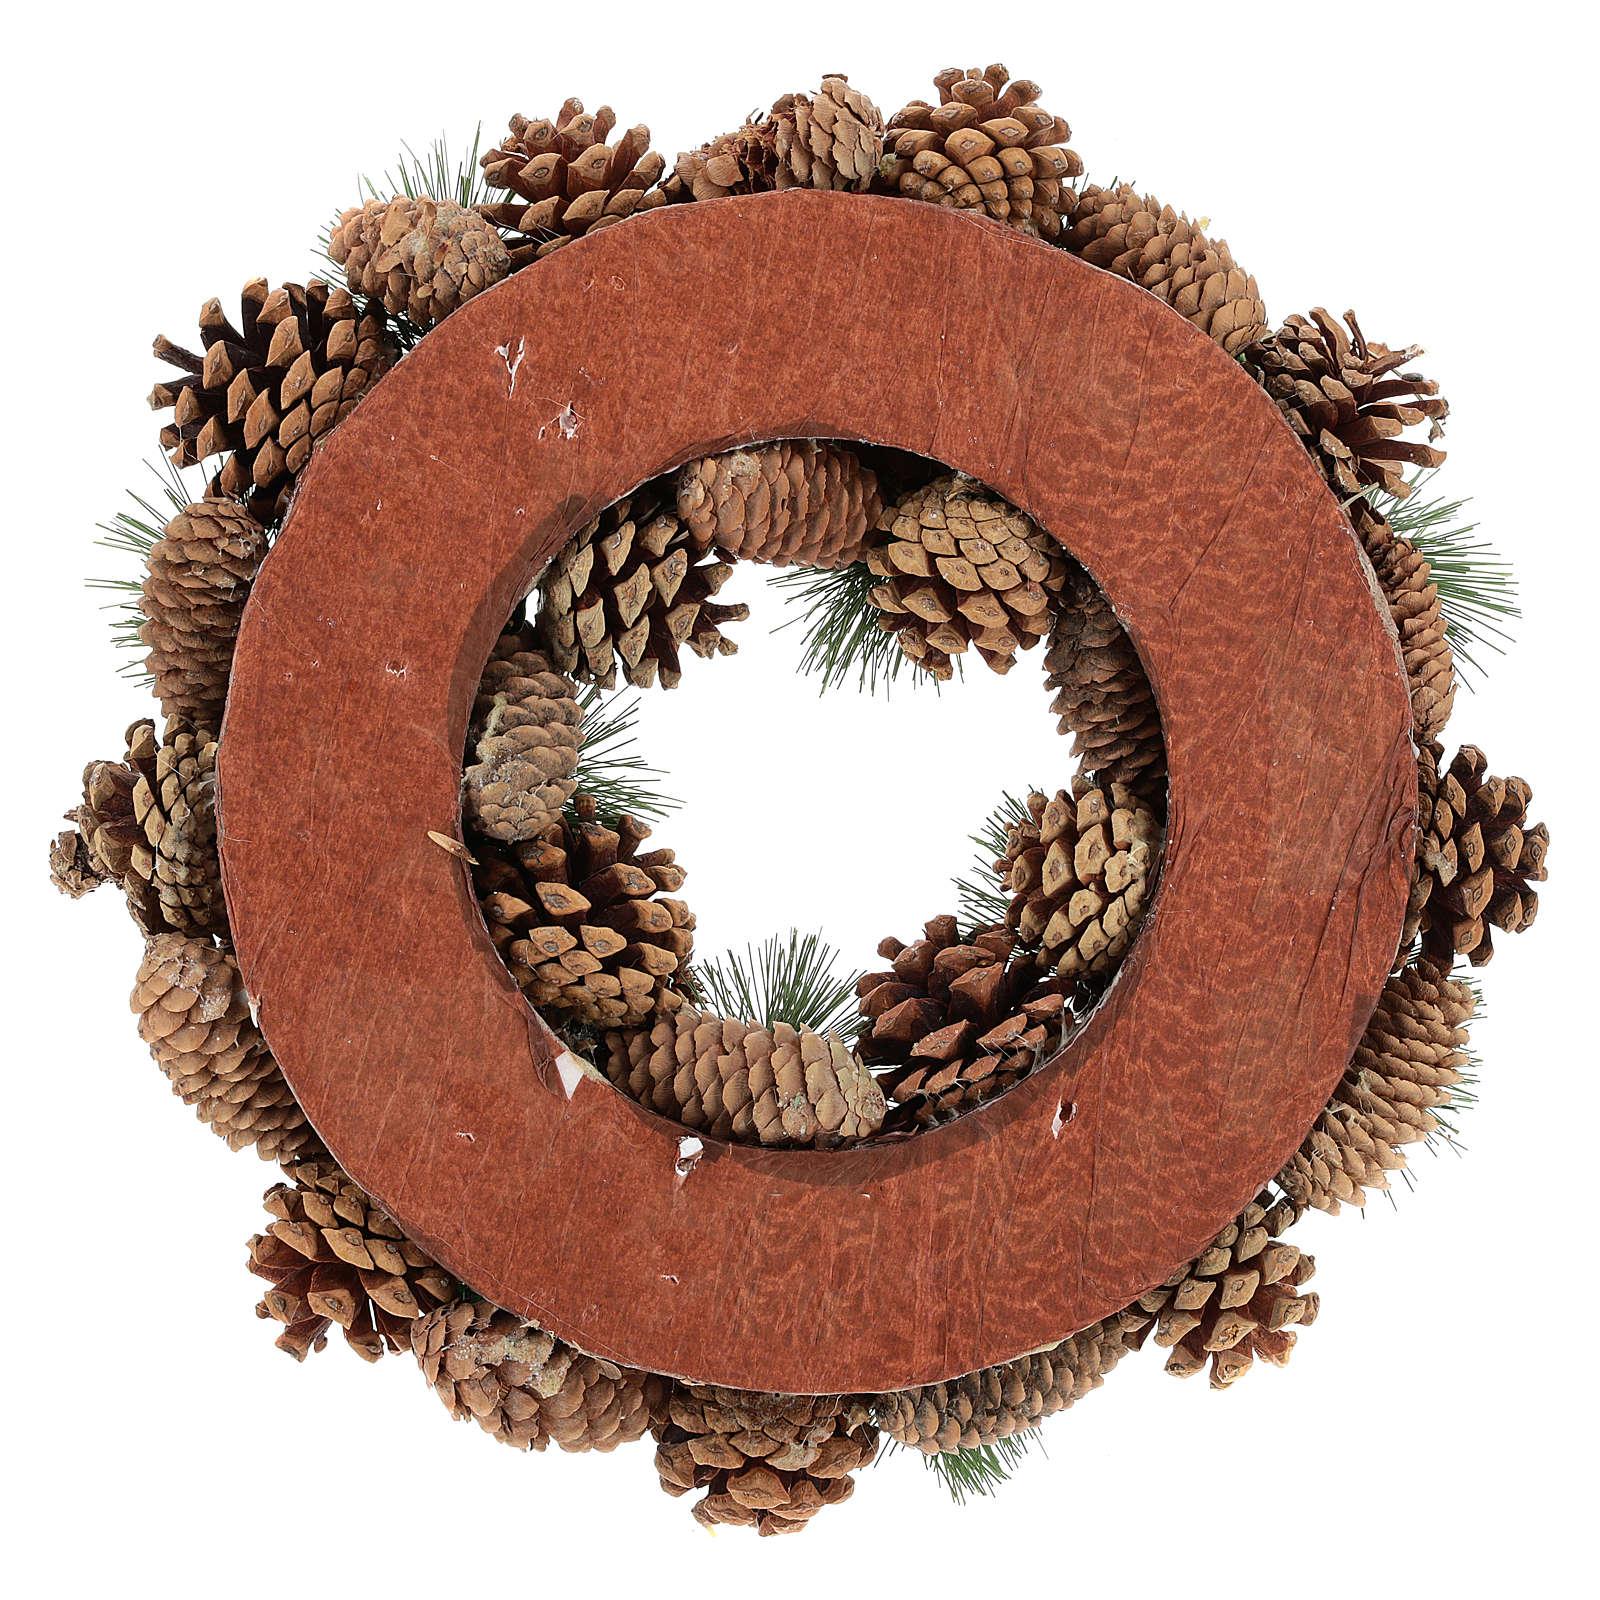 Corona con piñas y ramas de pino diám. 30 cm 3